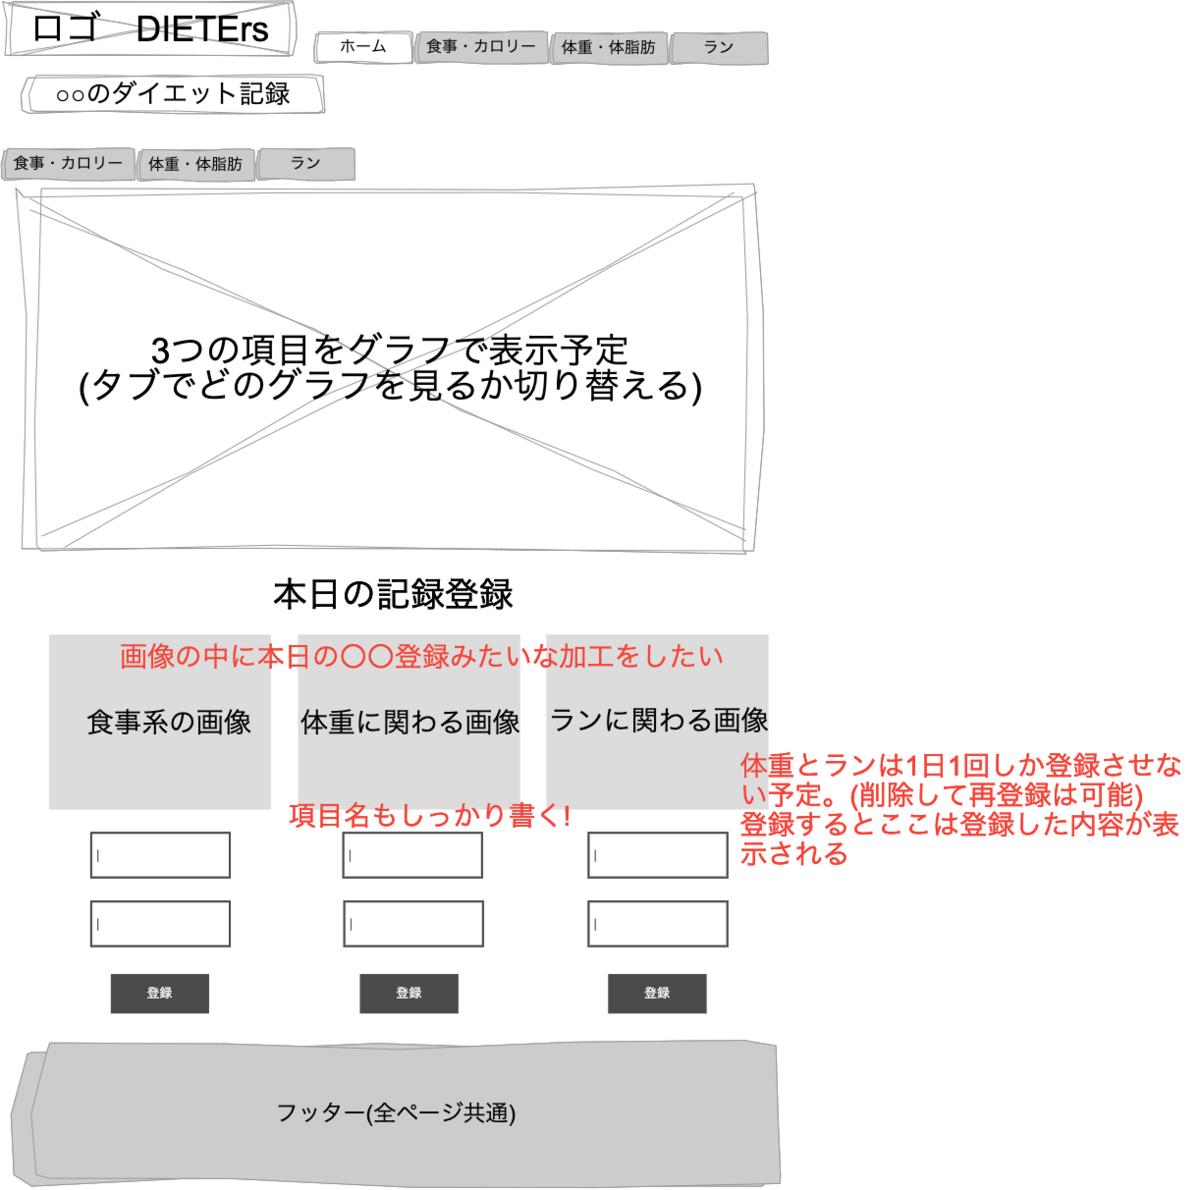 f:id:rd0412:20210620150249p:plain